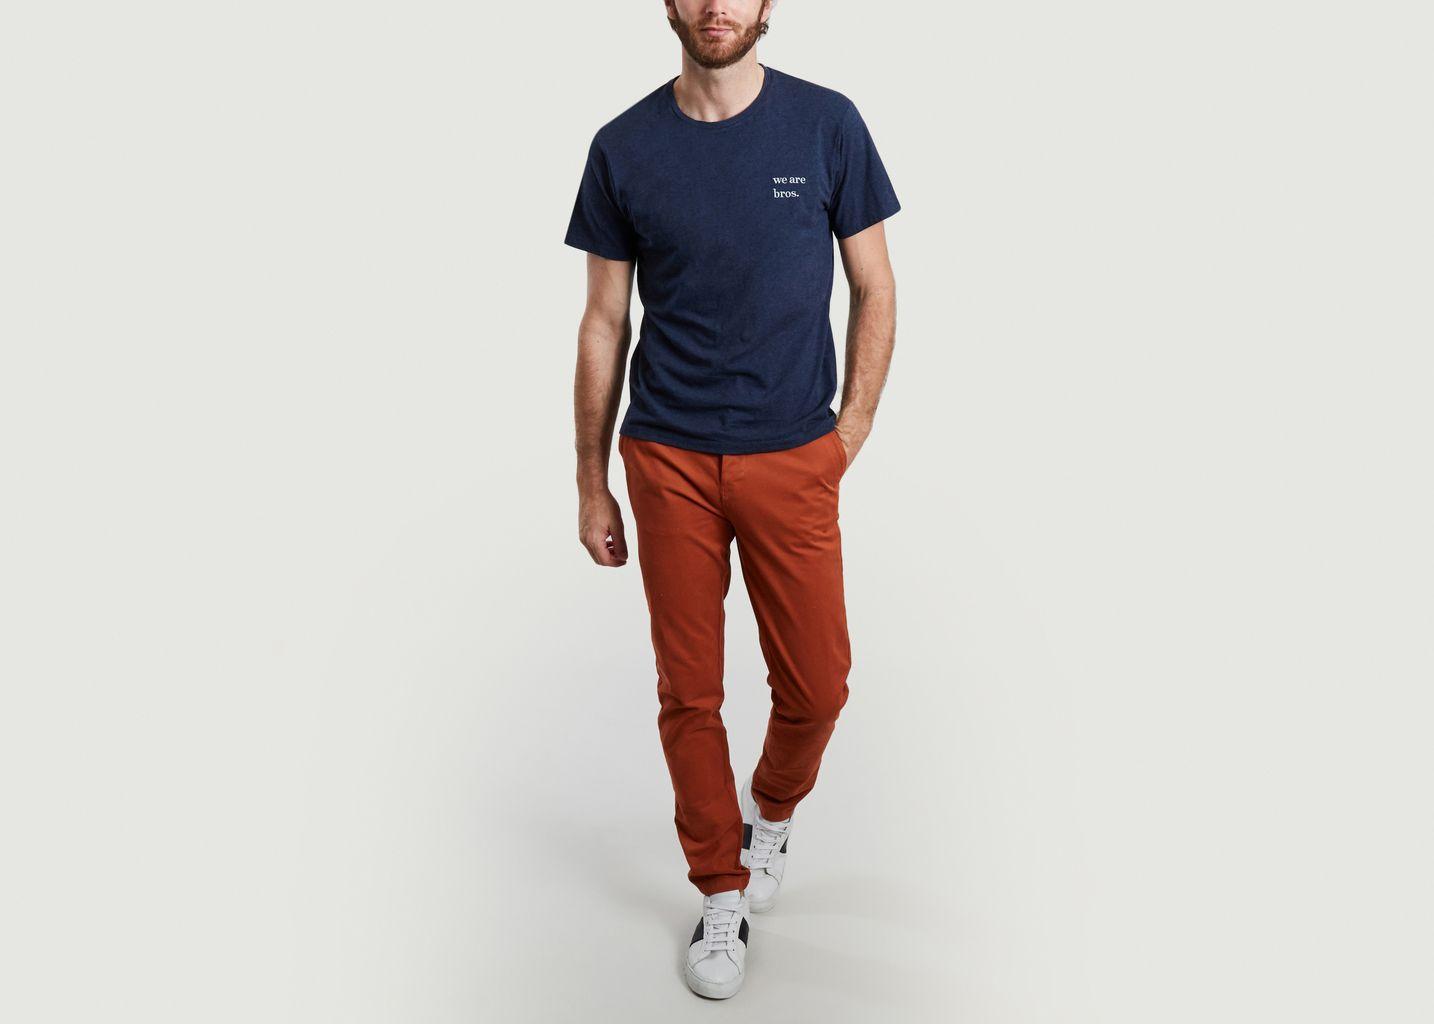 T-shirt en coton bio brodé we are bros Kennedy - Cuisse de Grenouille